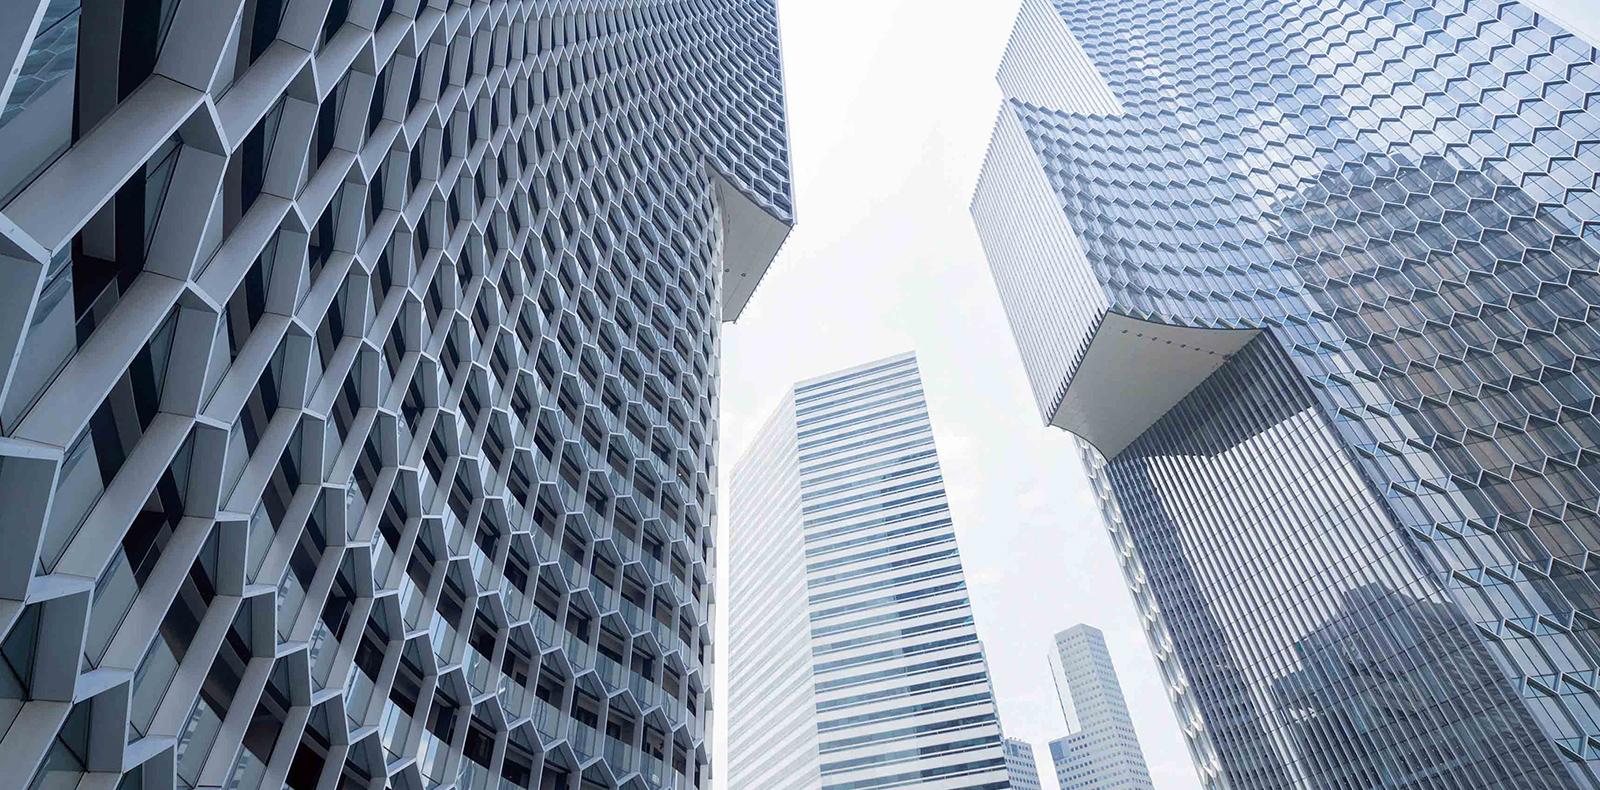 Vue de l'ensemble DUO réalisé par Ole Scheeren à Singapour. Photo par Iwan Baan